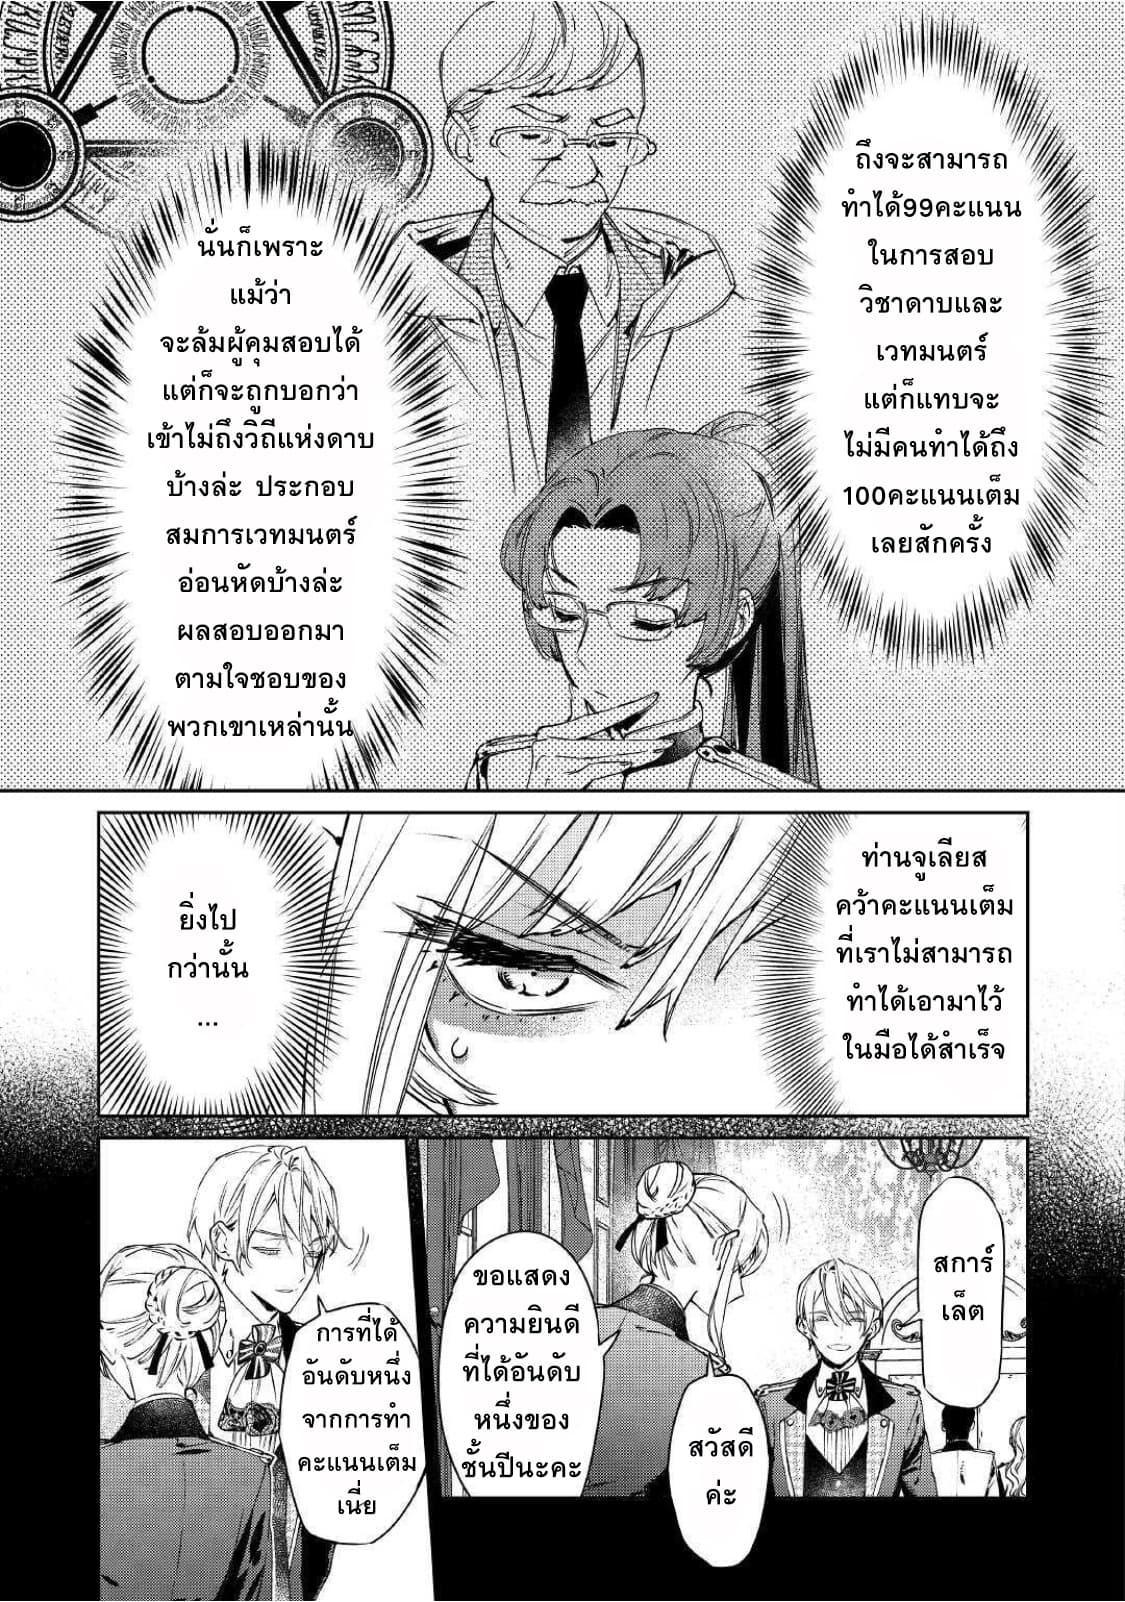 อ่านการ์ตูน Saigo ni Hitotsu Dake Onengai Shitemo Yoroshii Deshouka ตอนที่ 3 หน้าที่ 11